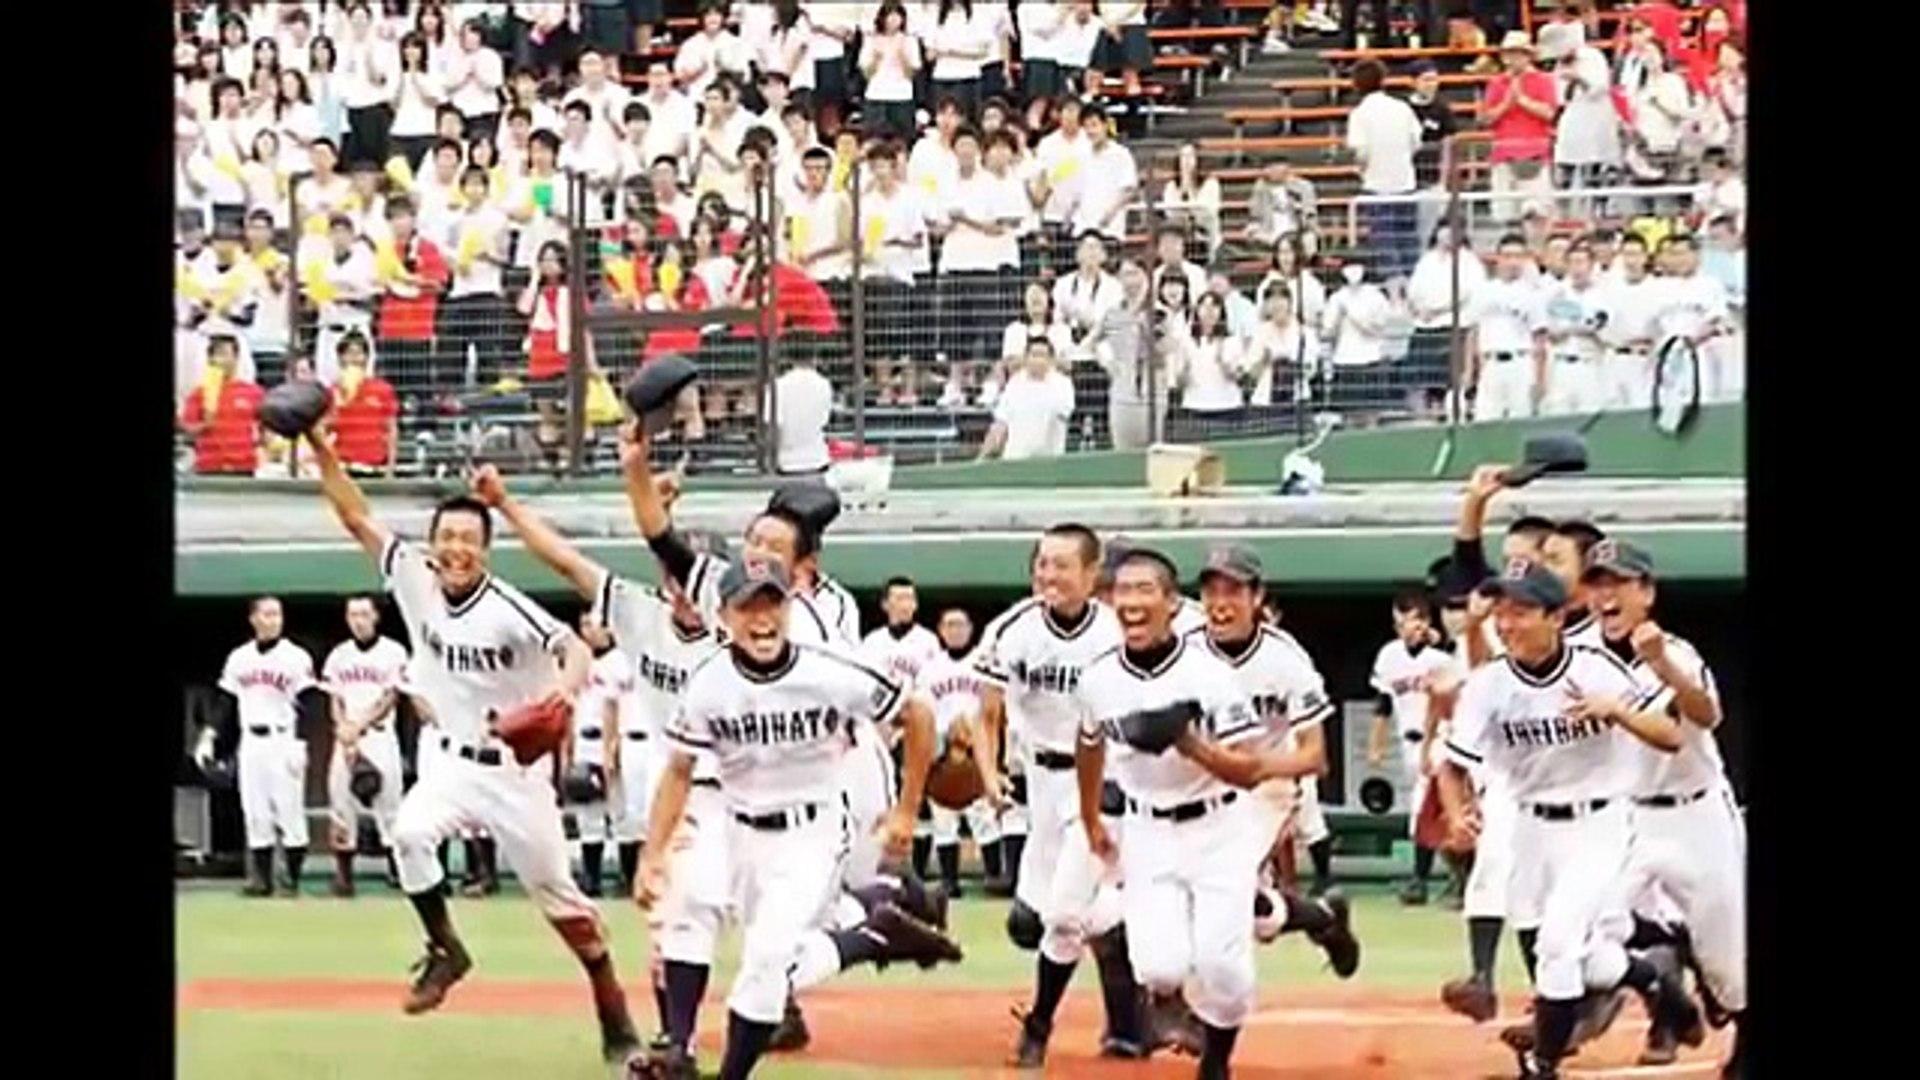 感動 甲子園が熱い 涙が止まらない高校野球名言集 Video Dailymotion